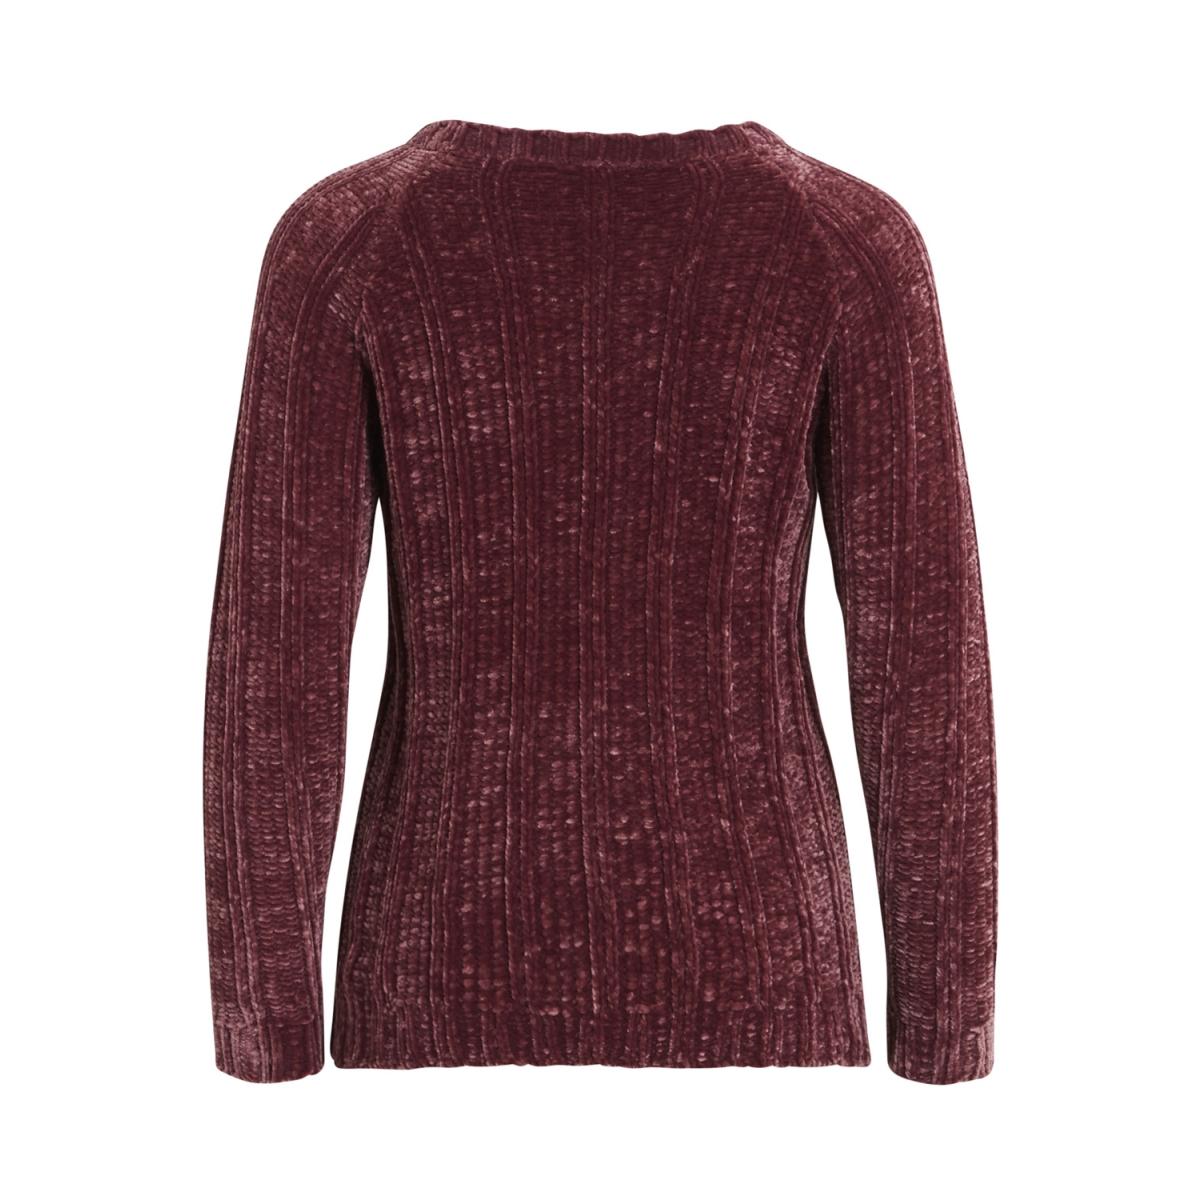 vivelvi l/s knit top 14043644 vila trui renaissance rose